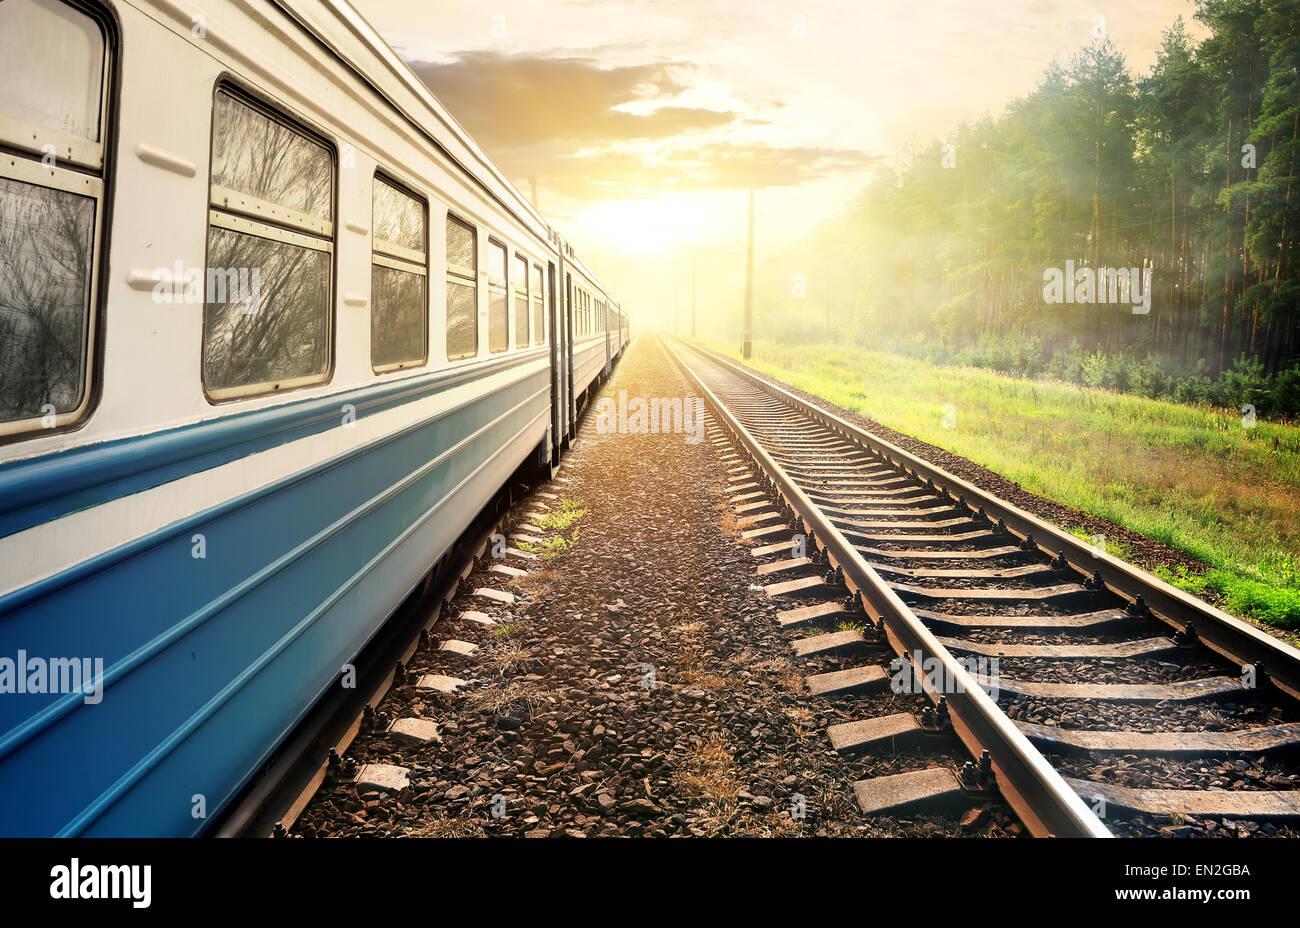 Billet de train à travers la forêt de pins au coucher du soleil Photo Stock